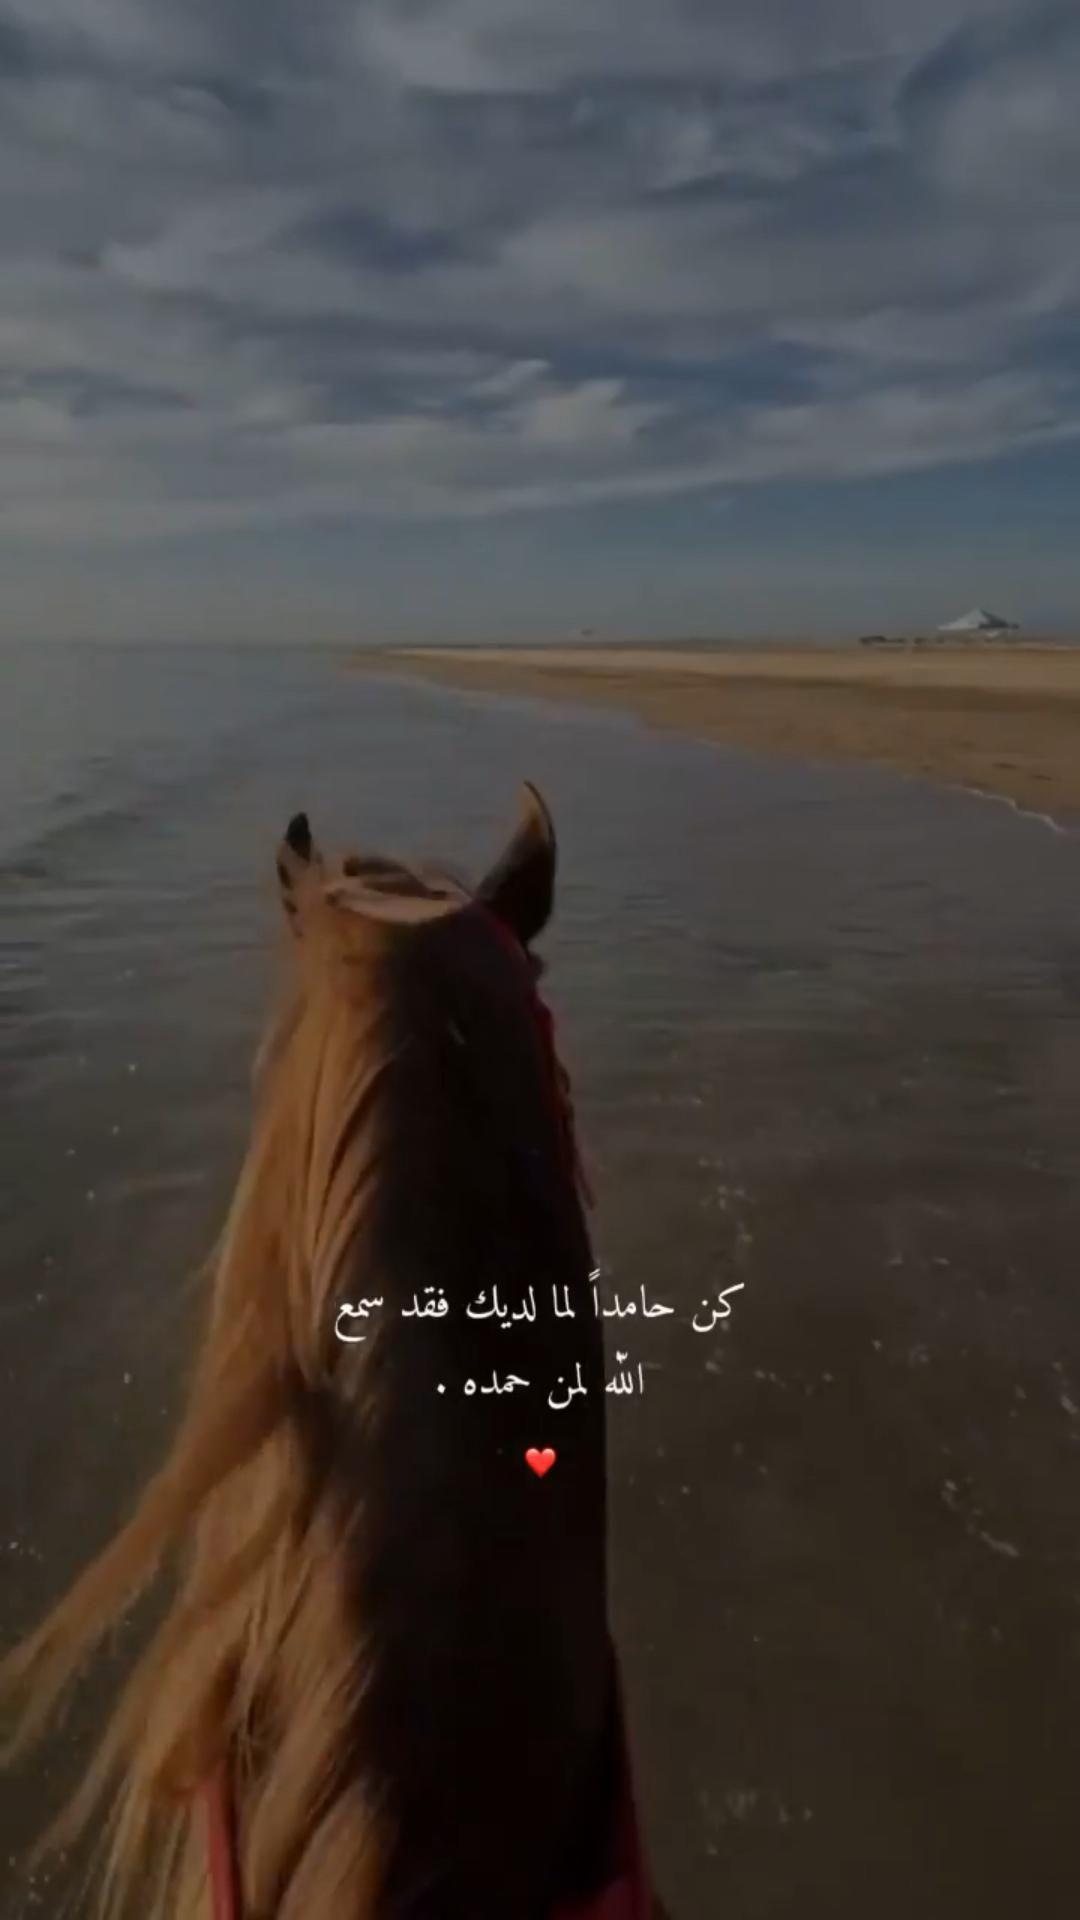 قرآن   𝓠𝓾𝓻𝓪𝓷  دع أصابعك تشهد لك وأكتب ماتؤجر عليه 💬